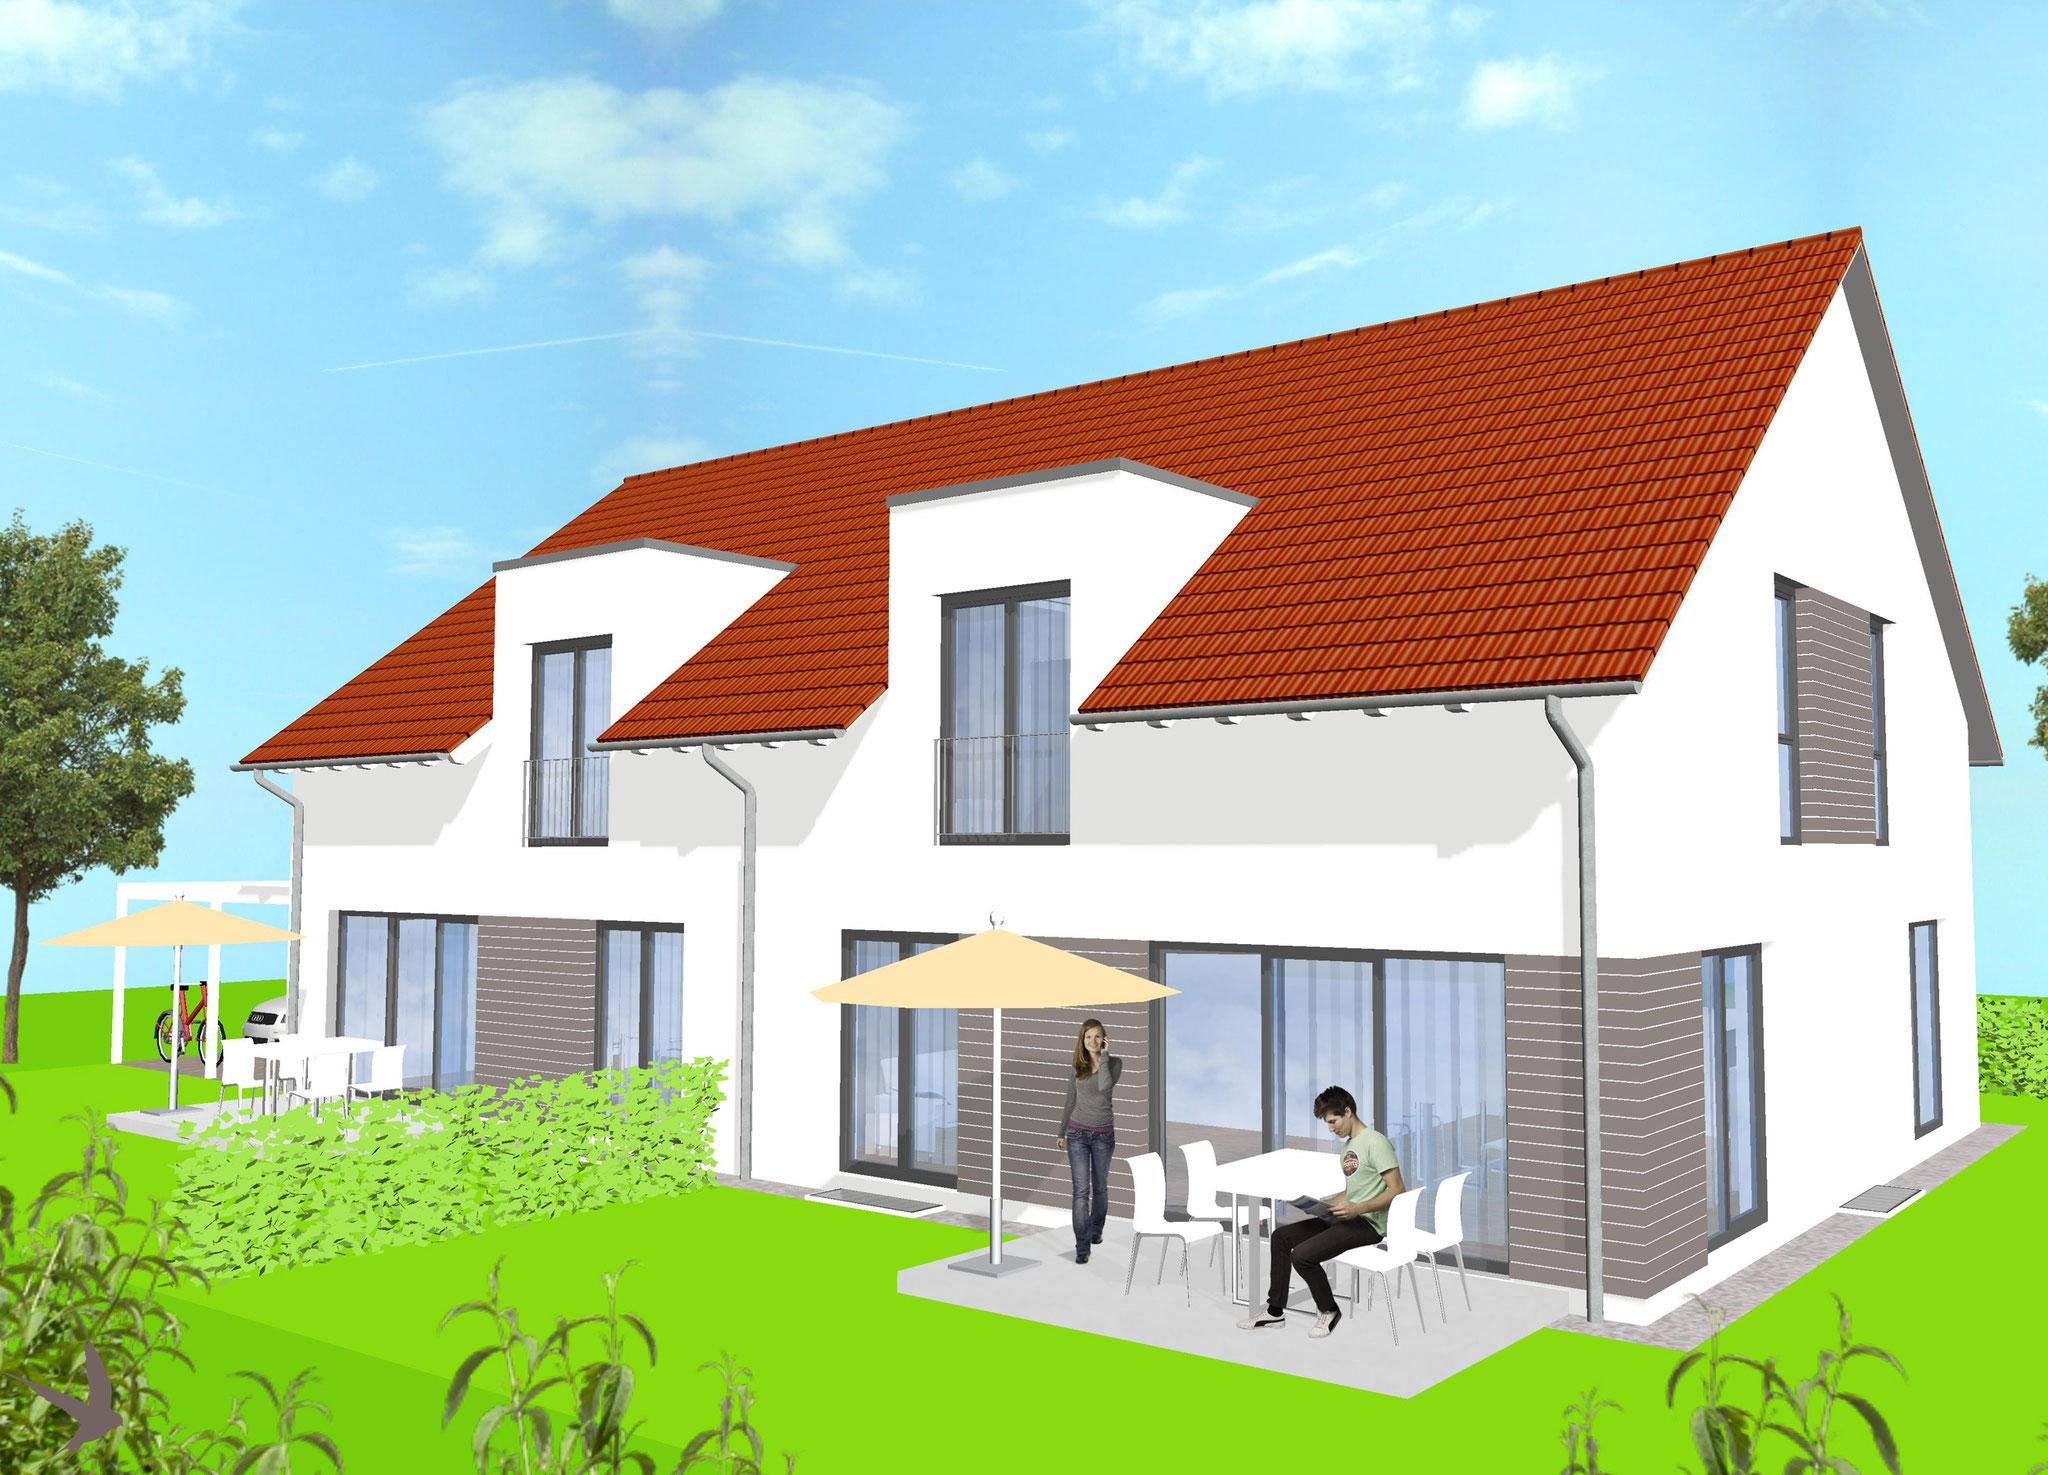 Doppelhaus Schwalbenflug Gartenansicht